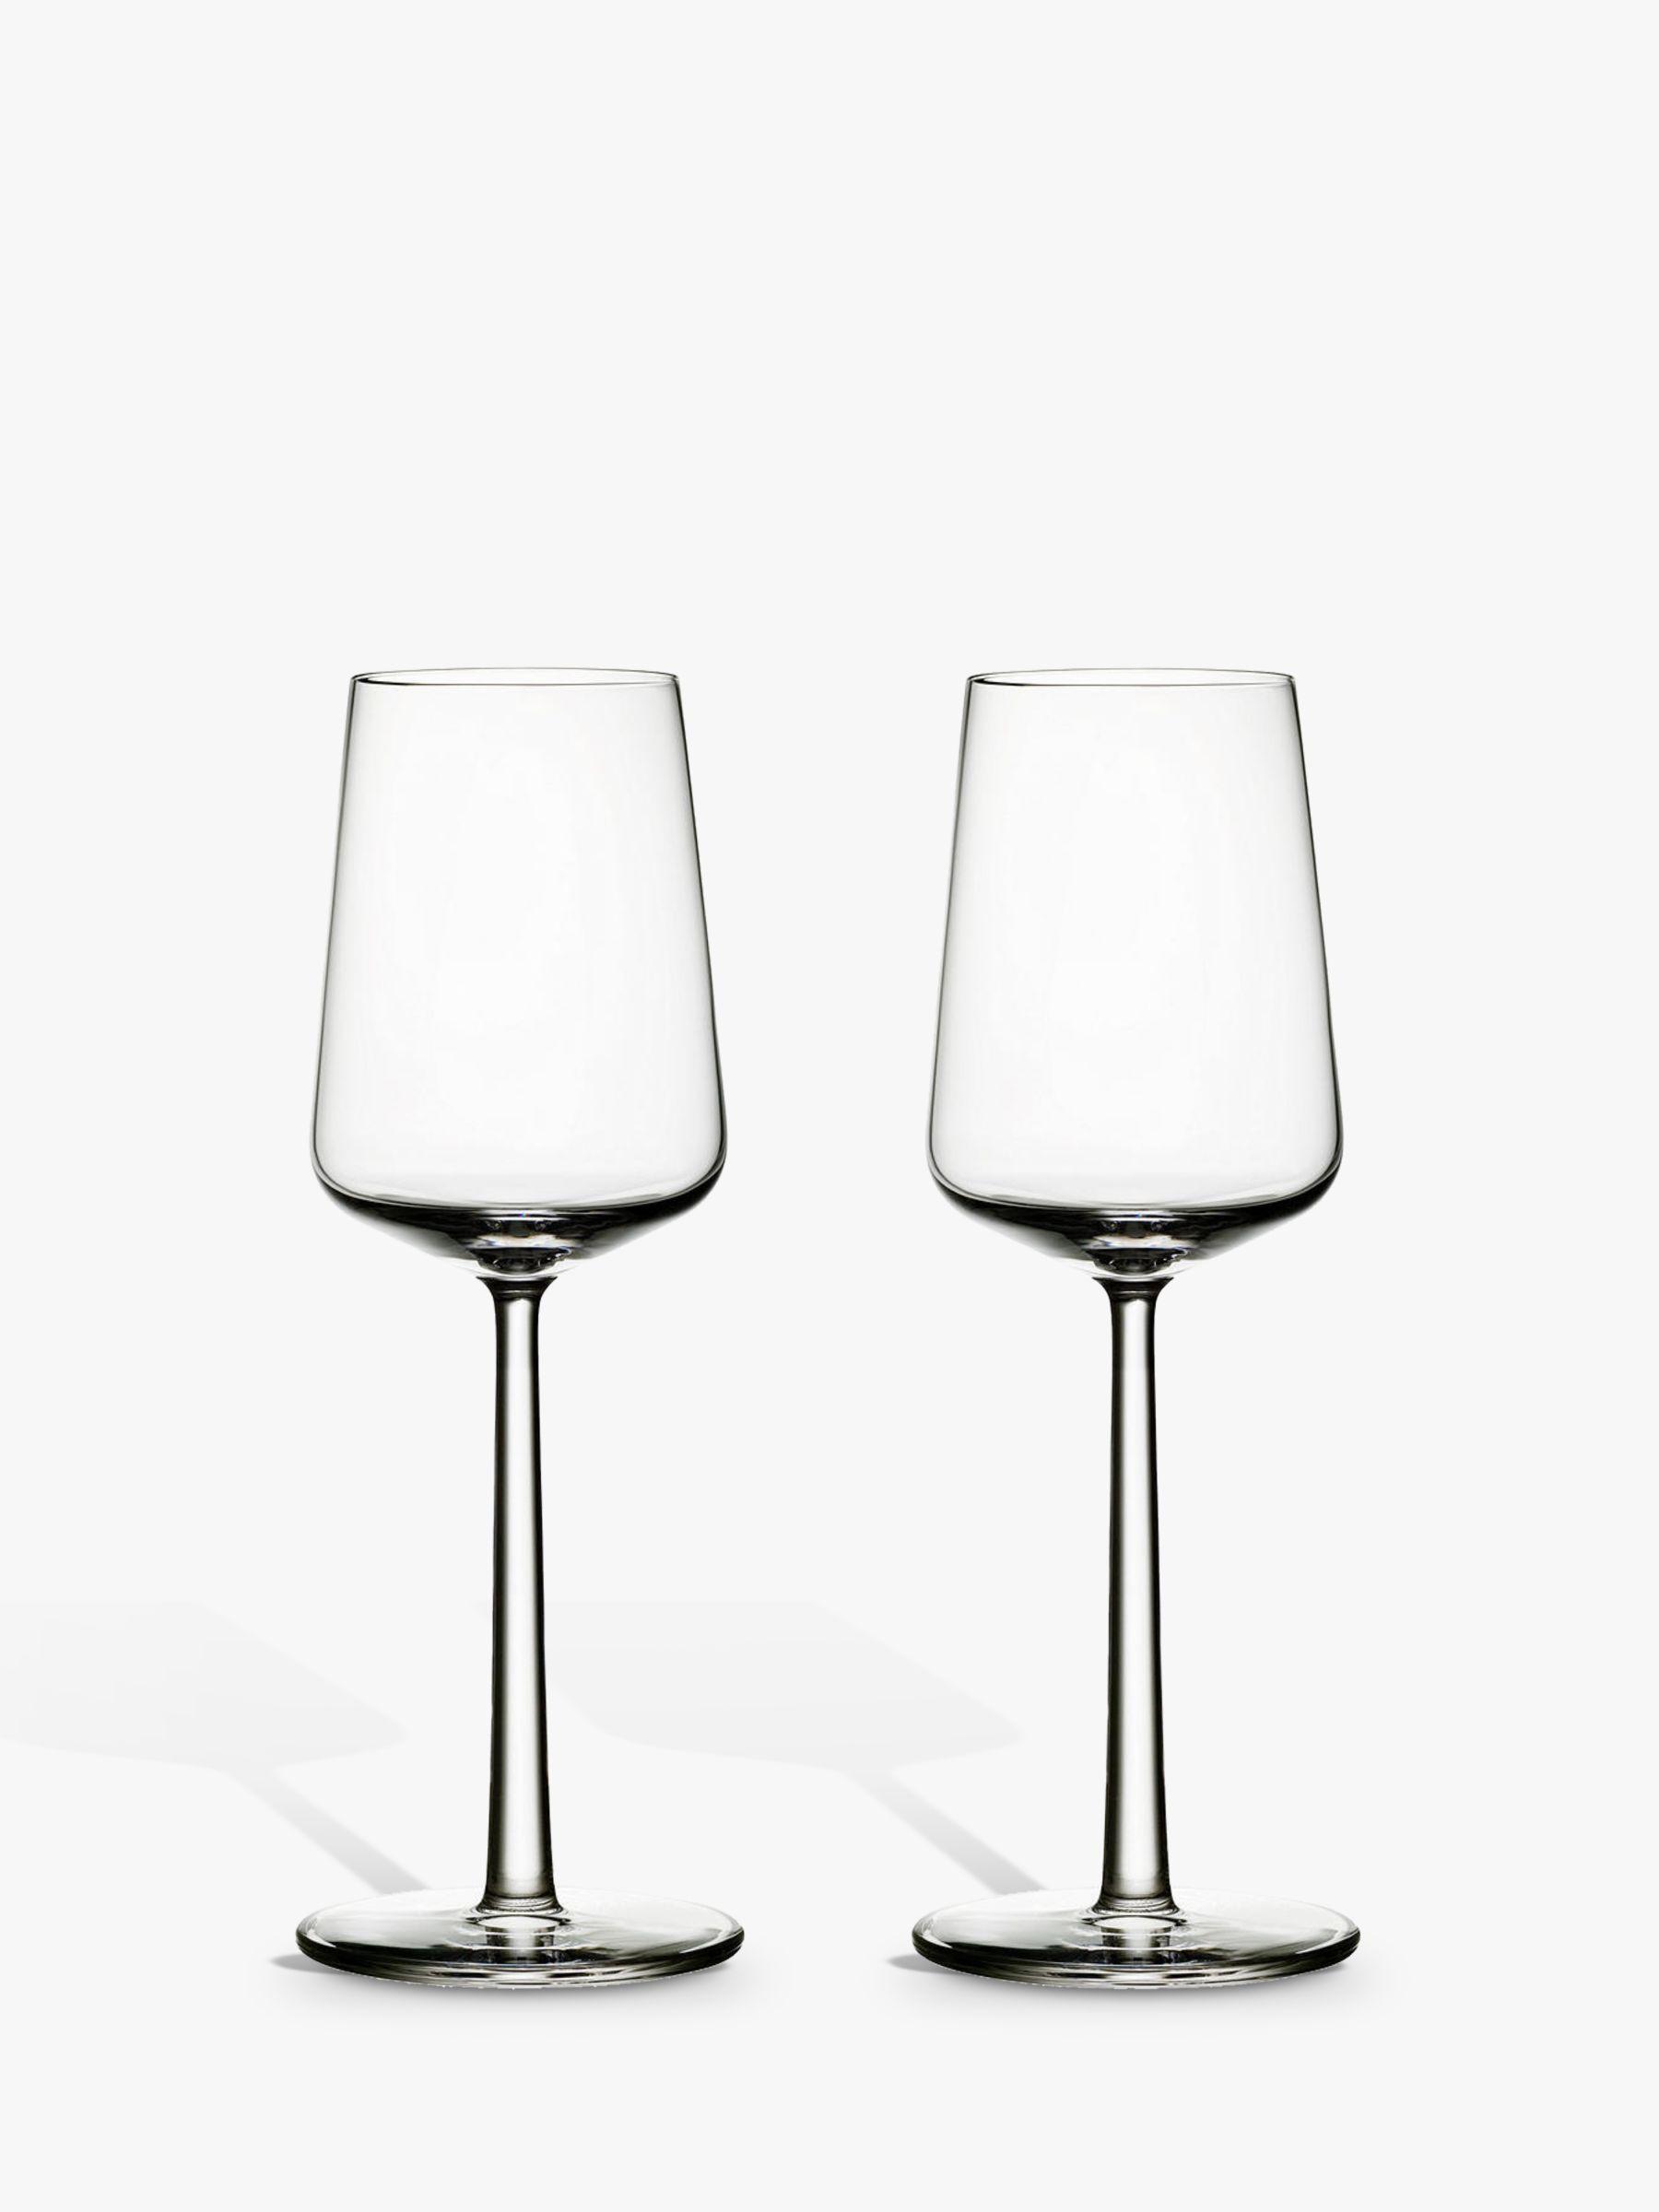 Iittala Iittala Essence White Wine Glasses, 0.33L, Set of 2